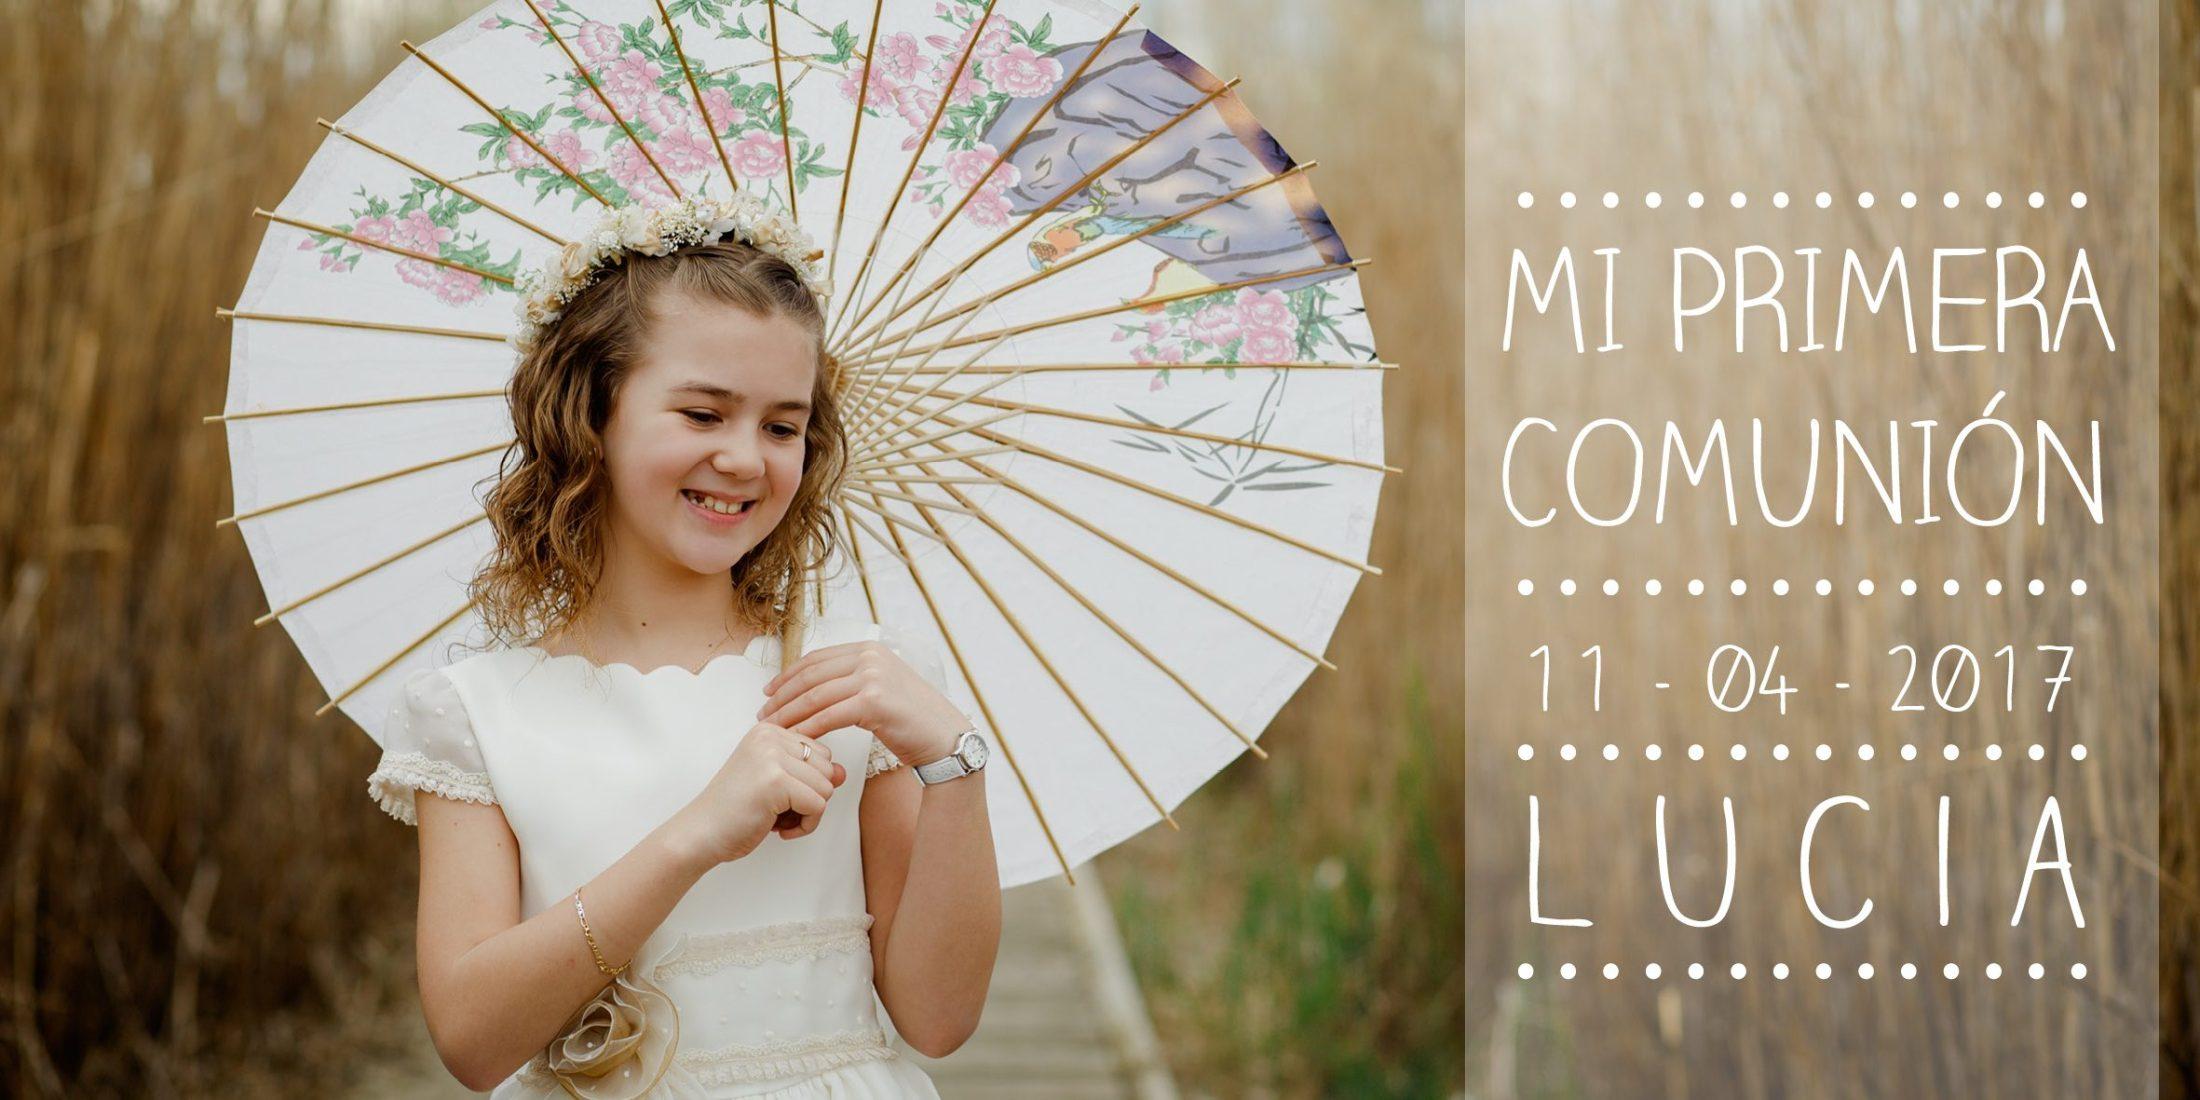 comunion_10x20-12